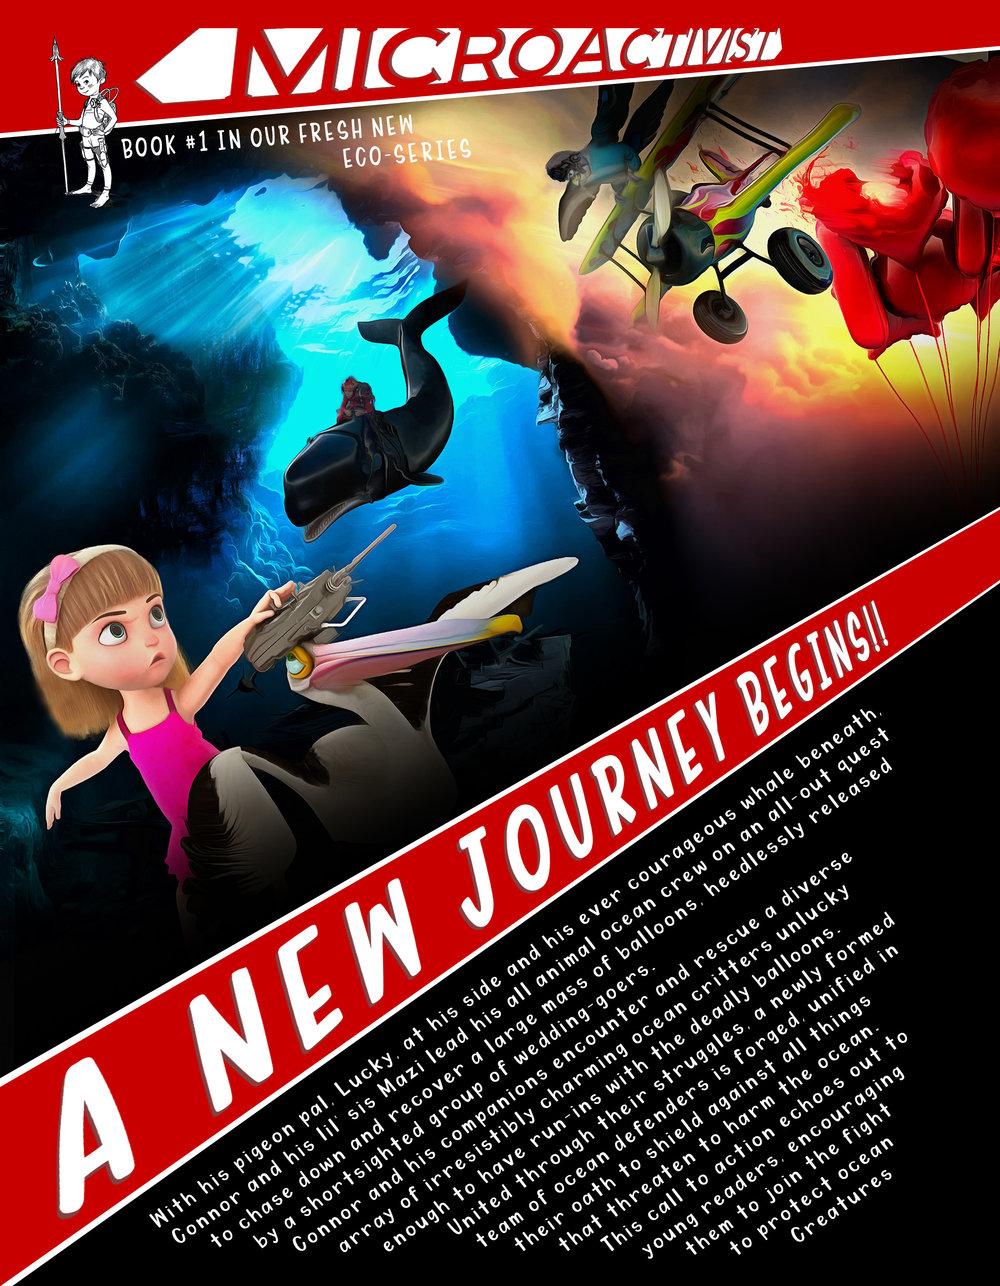 09 back cover 05.jpg